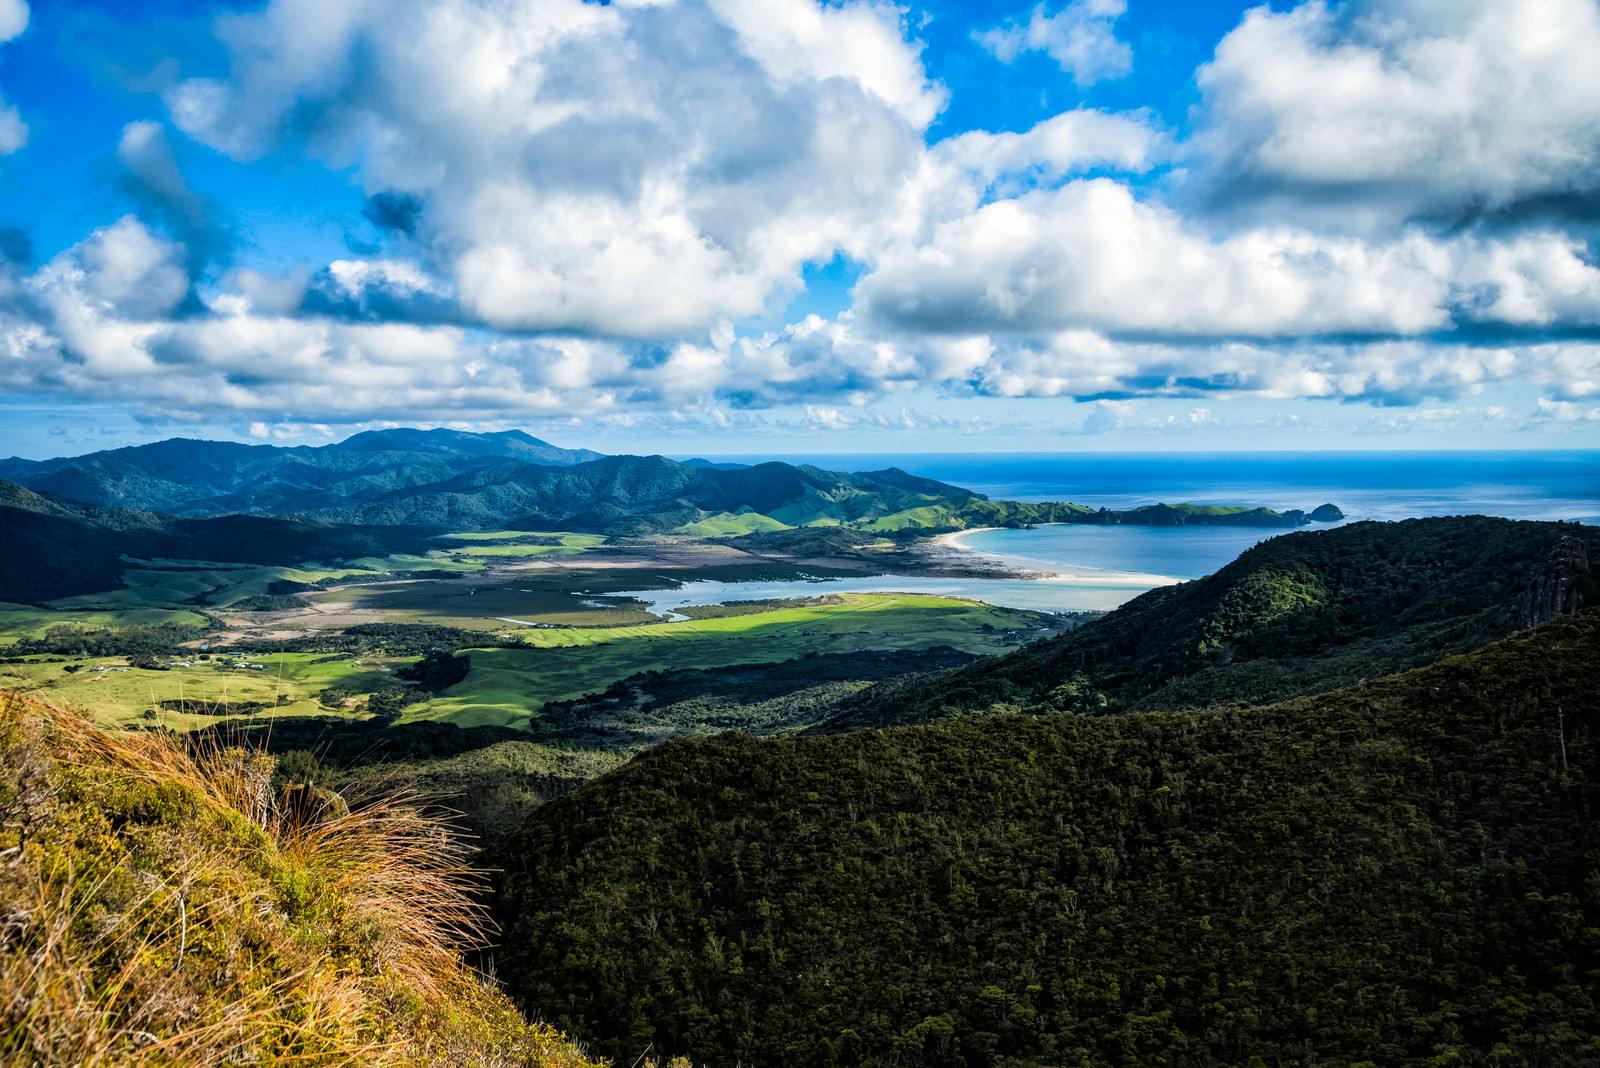 「アオテアの高台から望むビーチ(ニュージーランド)」の写真